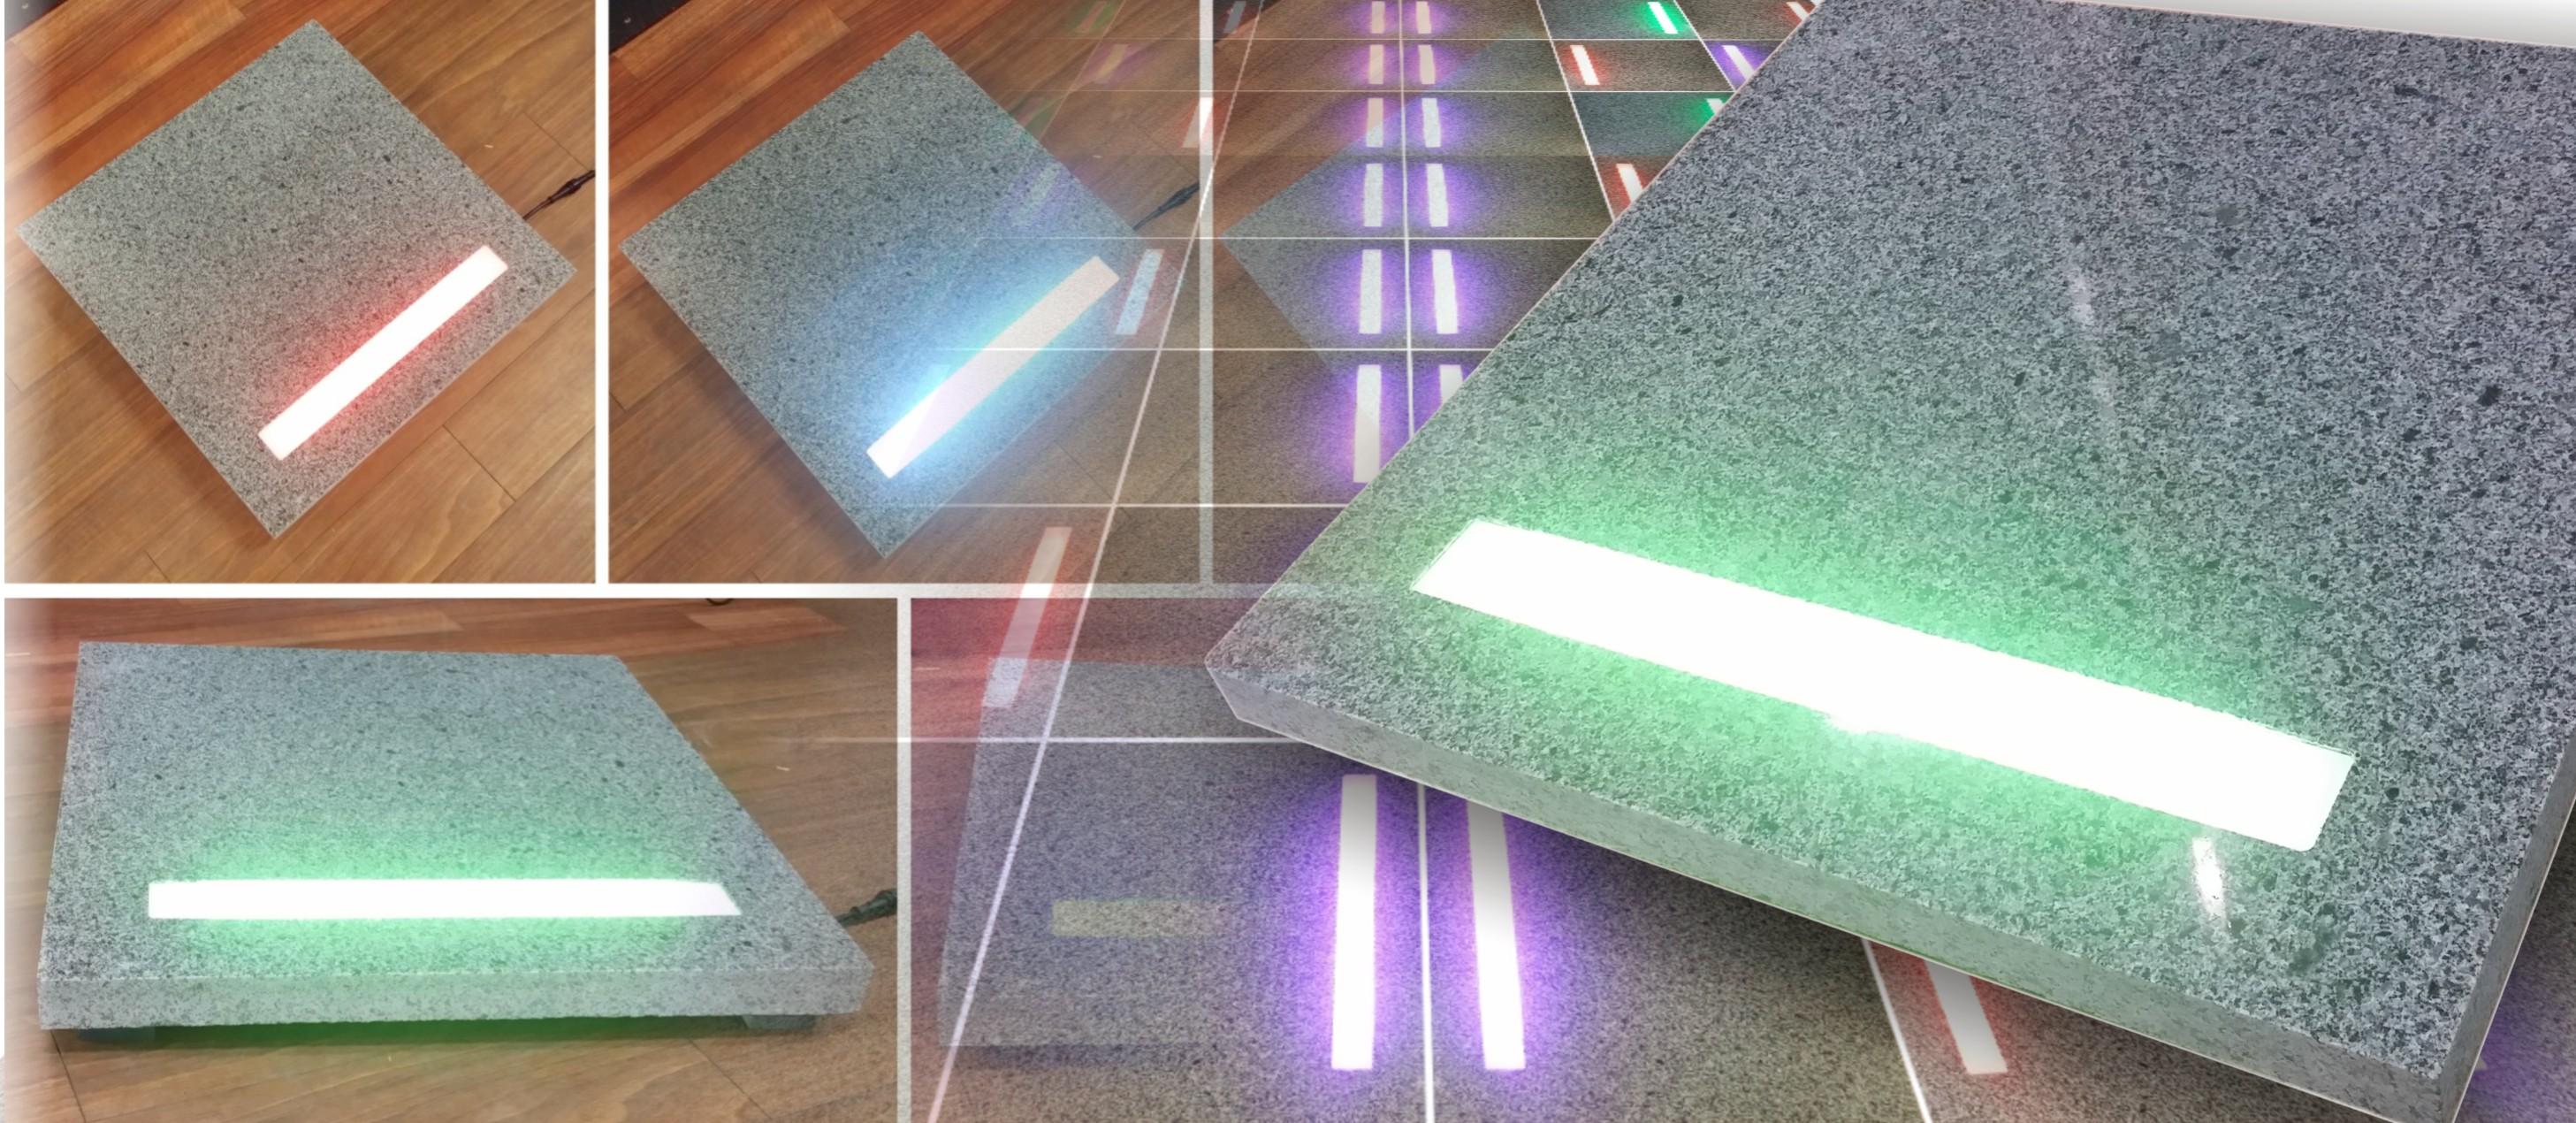 LED_stone_floor.jpg